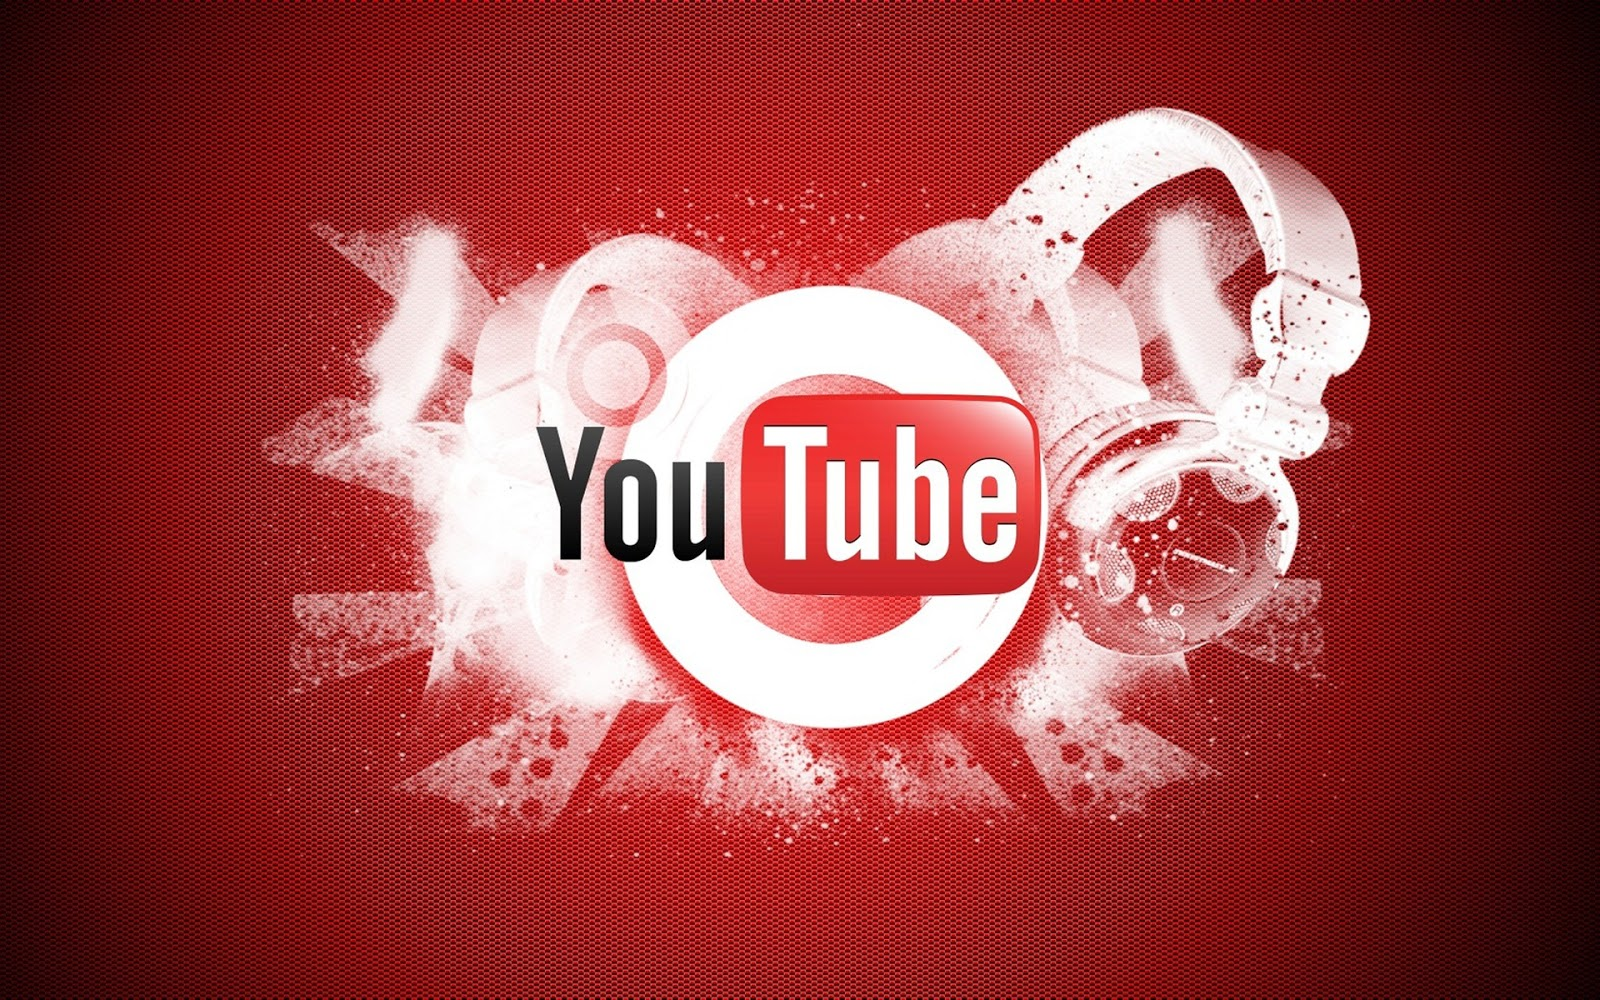 Noutati pe Youtube. Barack Obama, Ariana Grande, Heineken, The Cliche, Cristiano Ronaldo, Nike, Grace Van der Waal